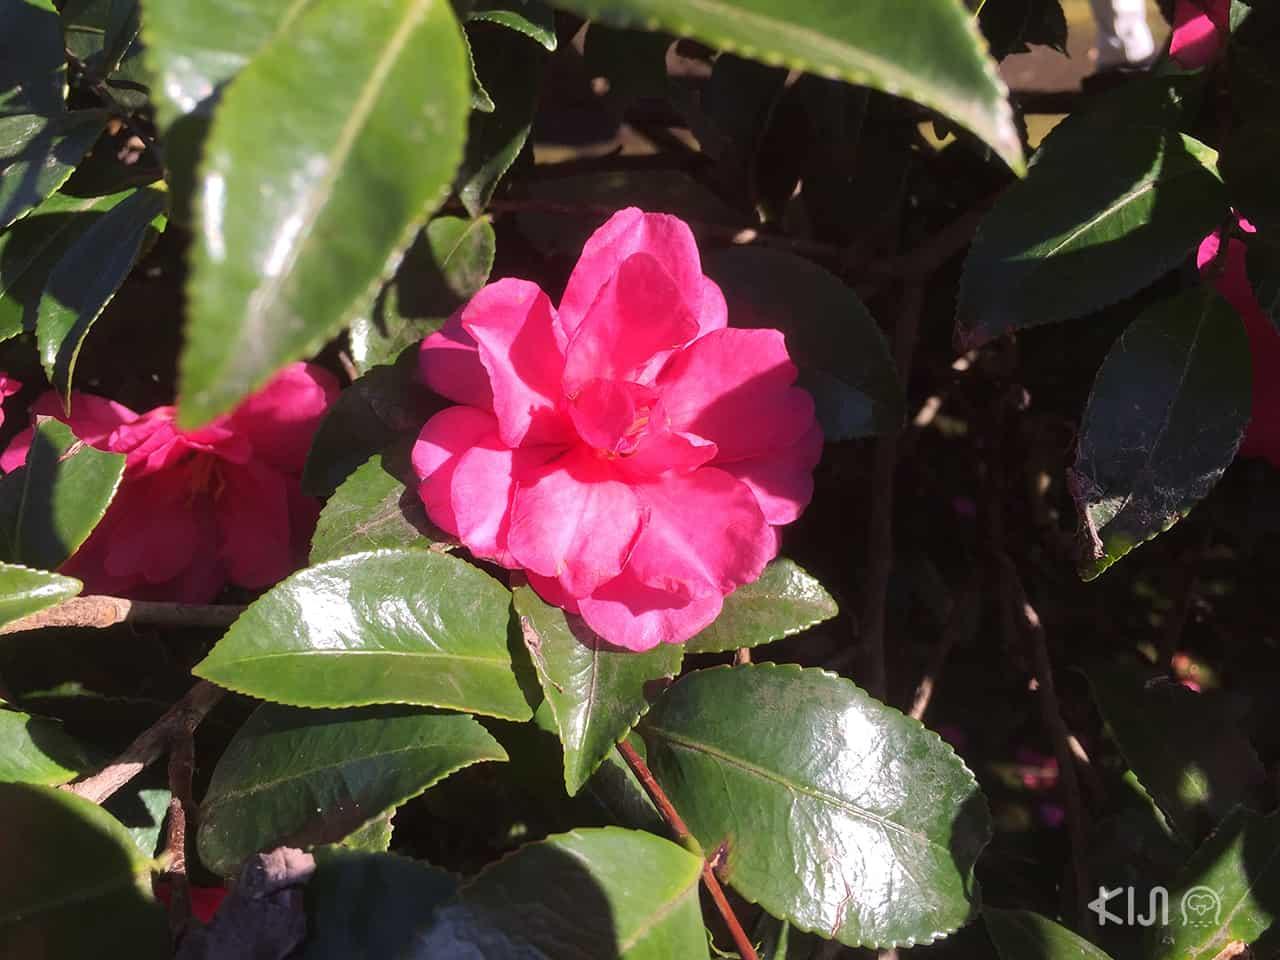 ดอกสึบากิ (Tsubaki) ที่บานในฤดูใบไม้ร่วงบนเกาะเอโนชิมะ